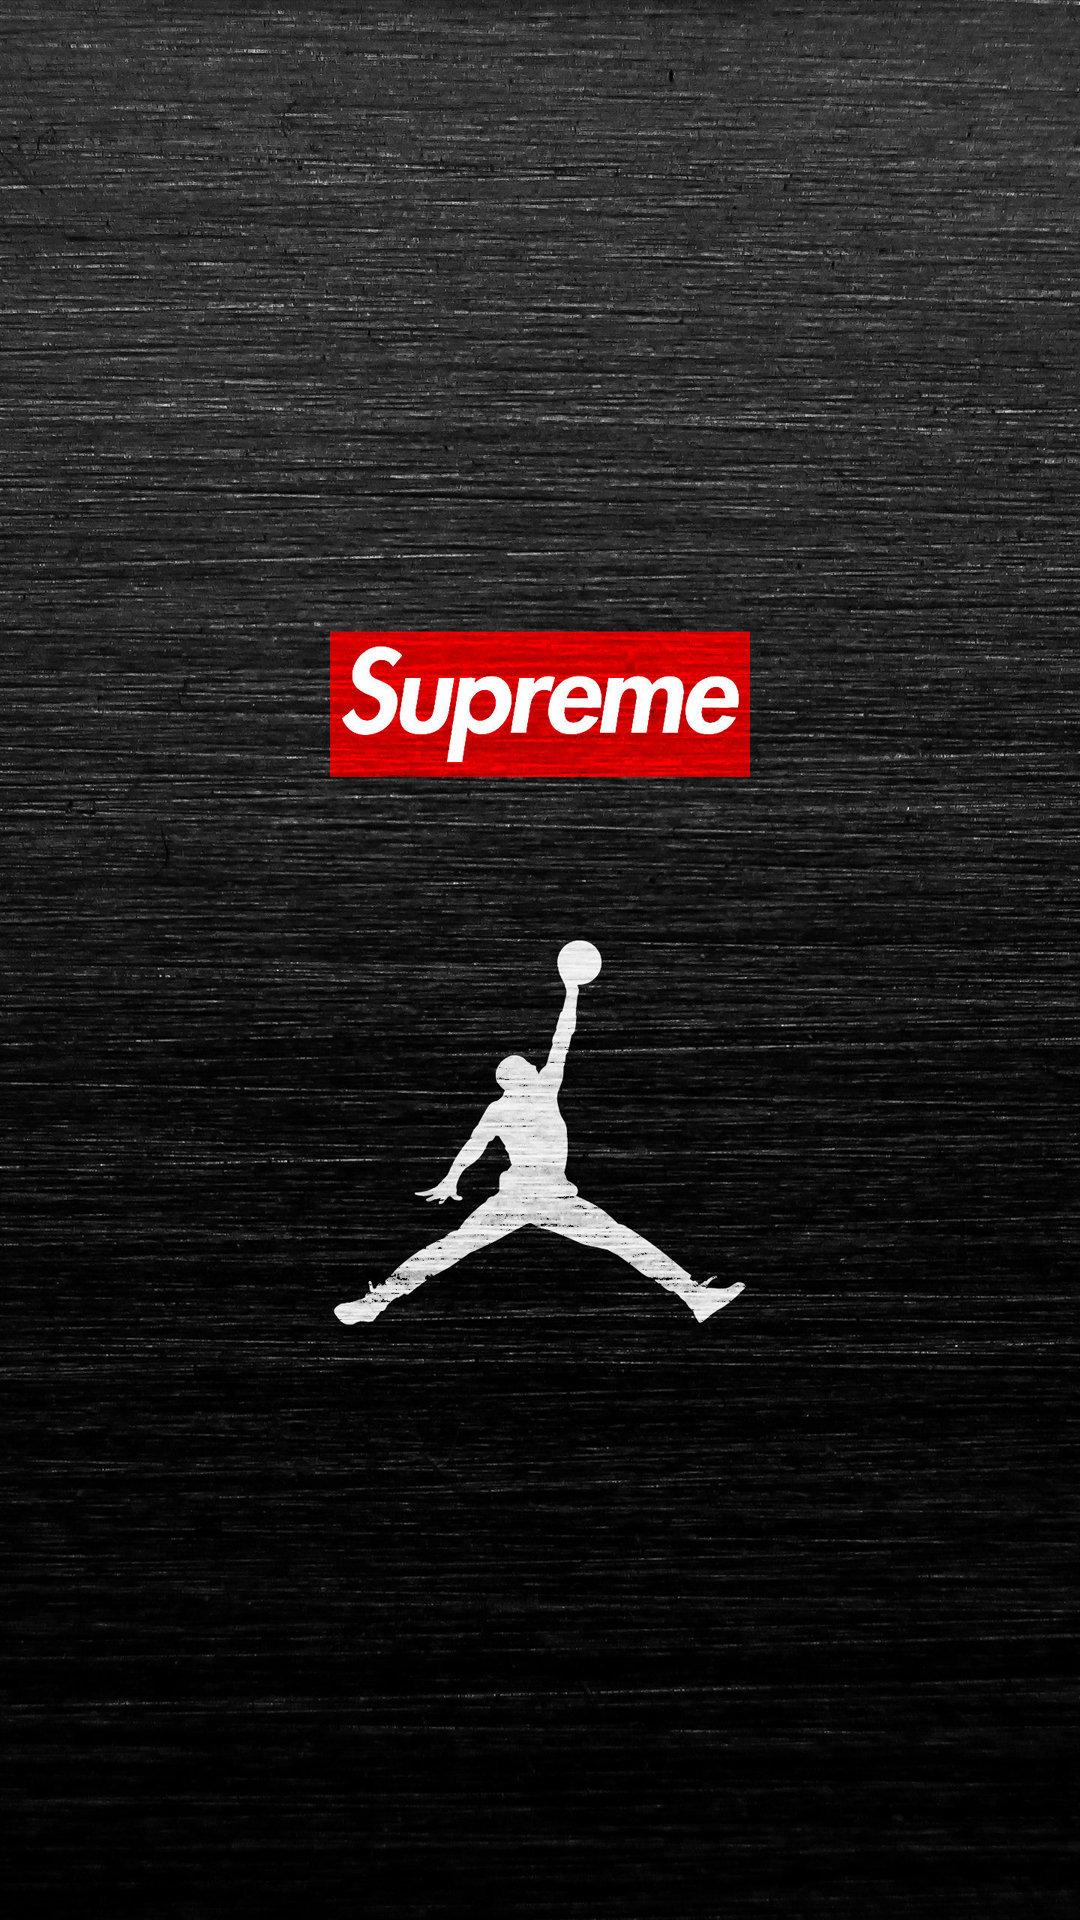 Simple Iphone X Wallpaper Air Jordan Supreme Iphone Wallpaper Hd